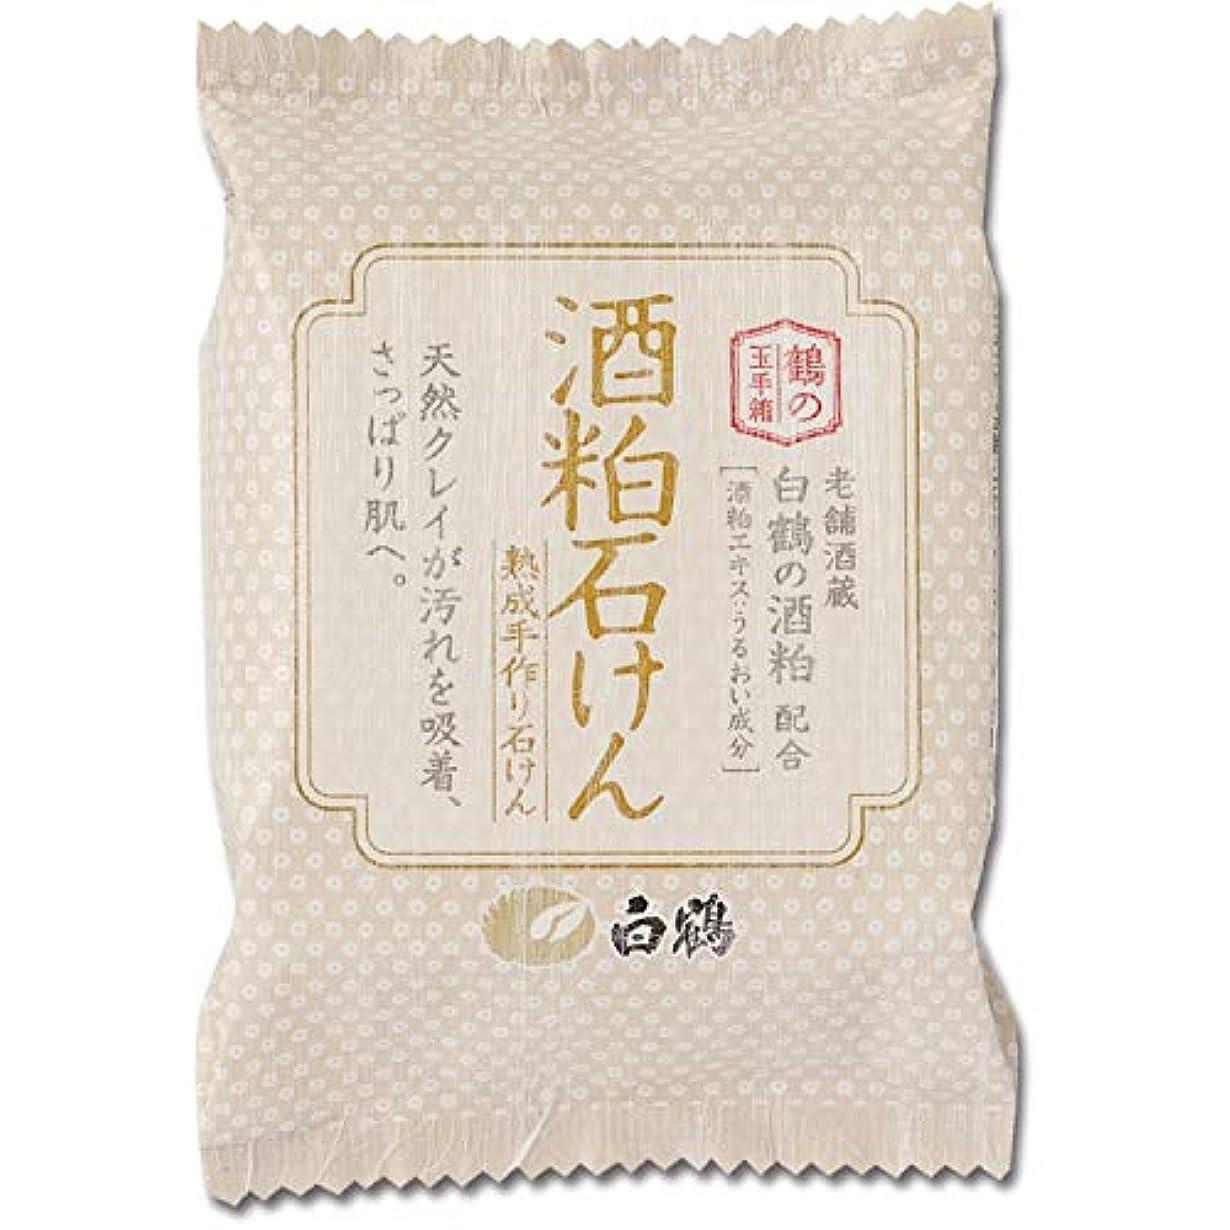 いわゆる記念日瀬戸際白鶴 鶴の玉手箱 酒粕石けん 100g (全身用石鹸)